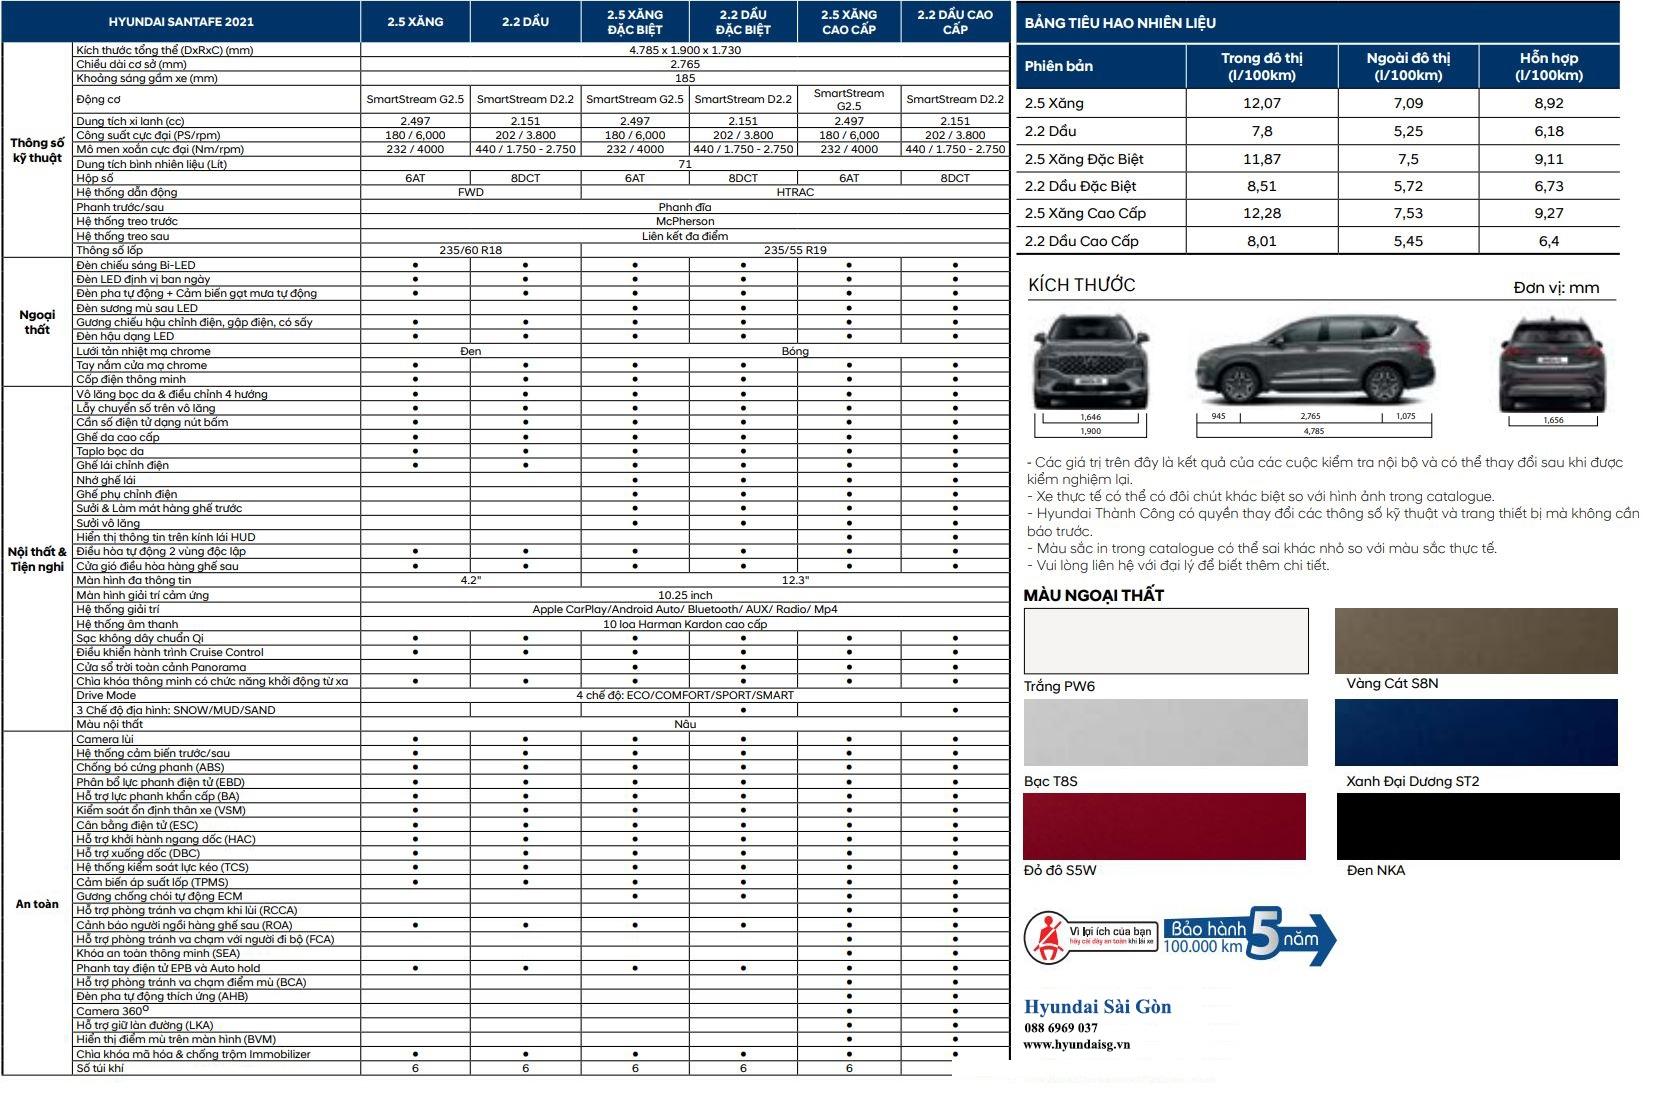 Hình Ảnh Hyundai SantaFe 2021 99